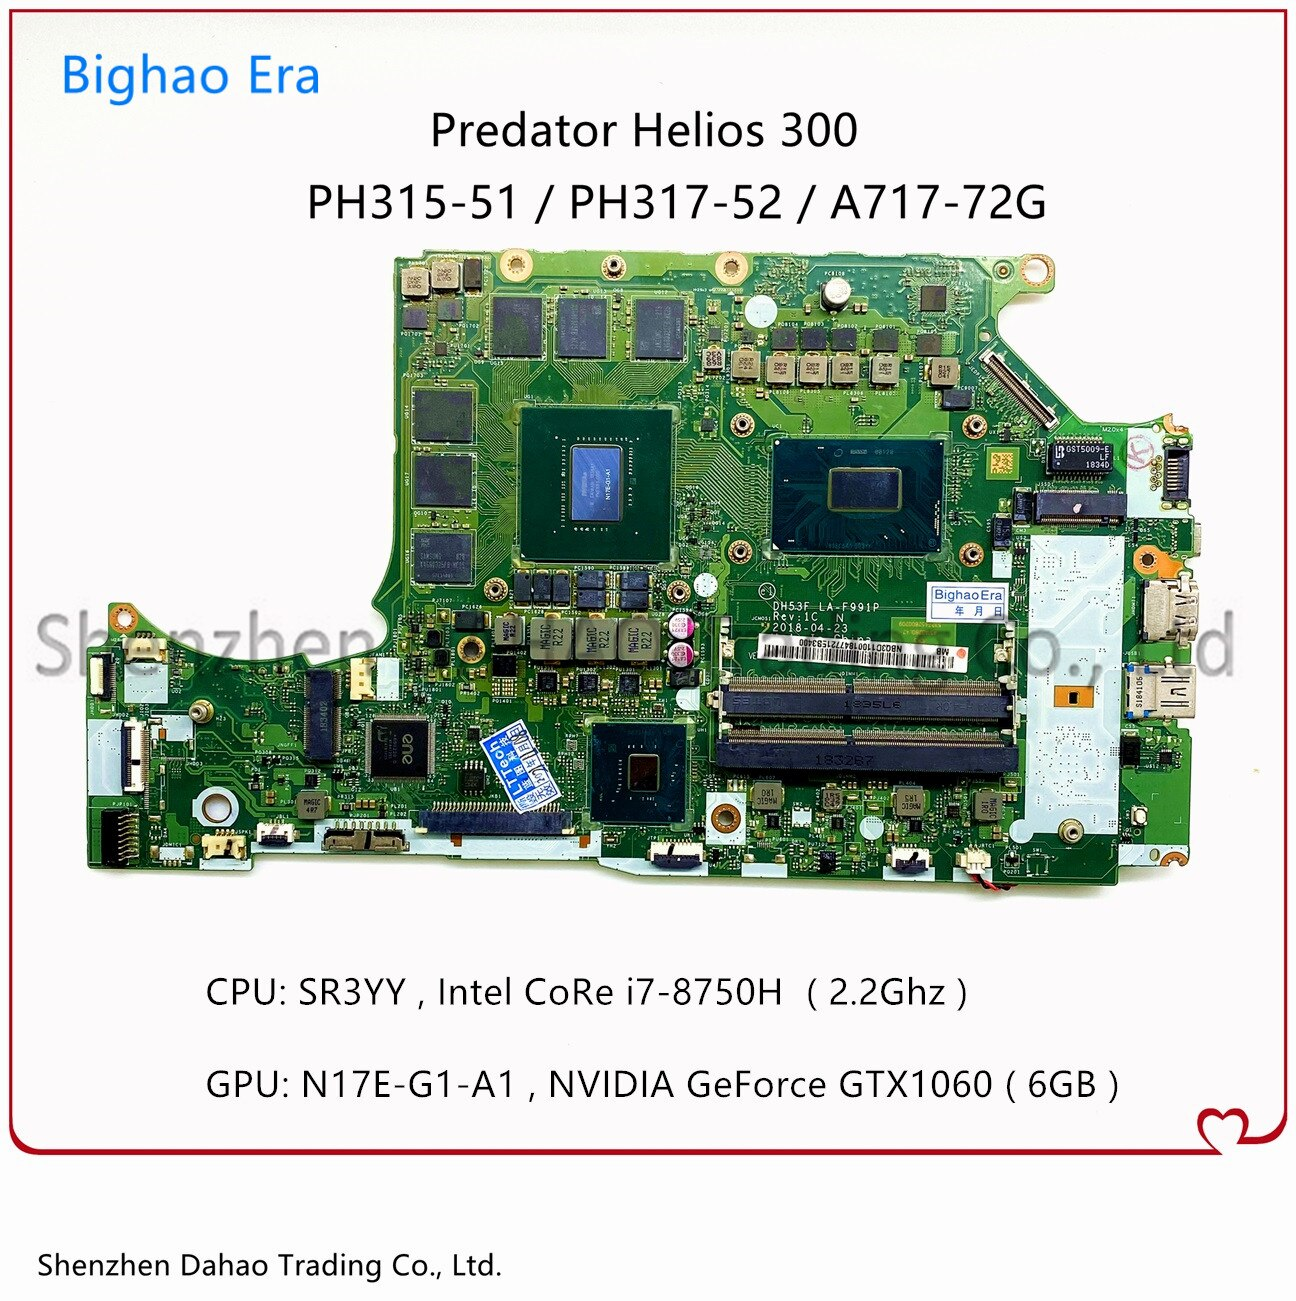 NBQ3F11001 NBQCF11002 لشركة أيسر PH315-51 PH317-52 A717-72G اللوحة المحمول W/ i7-8750H GTX1060 6G-GPU DH53F LA-F991P اللوحة